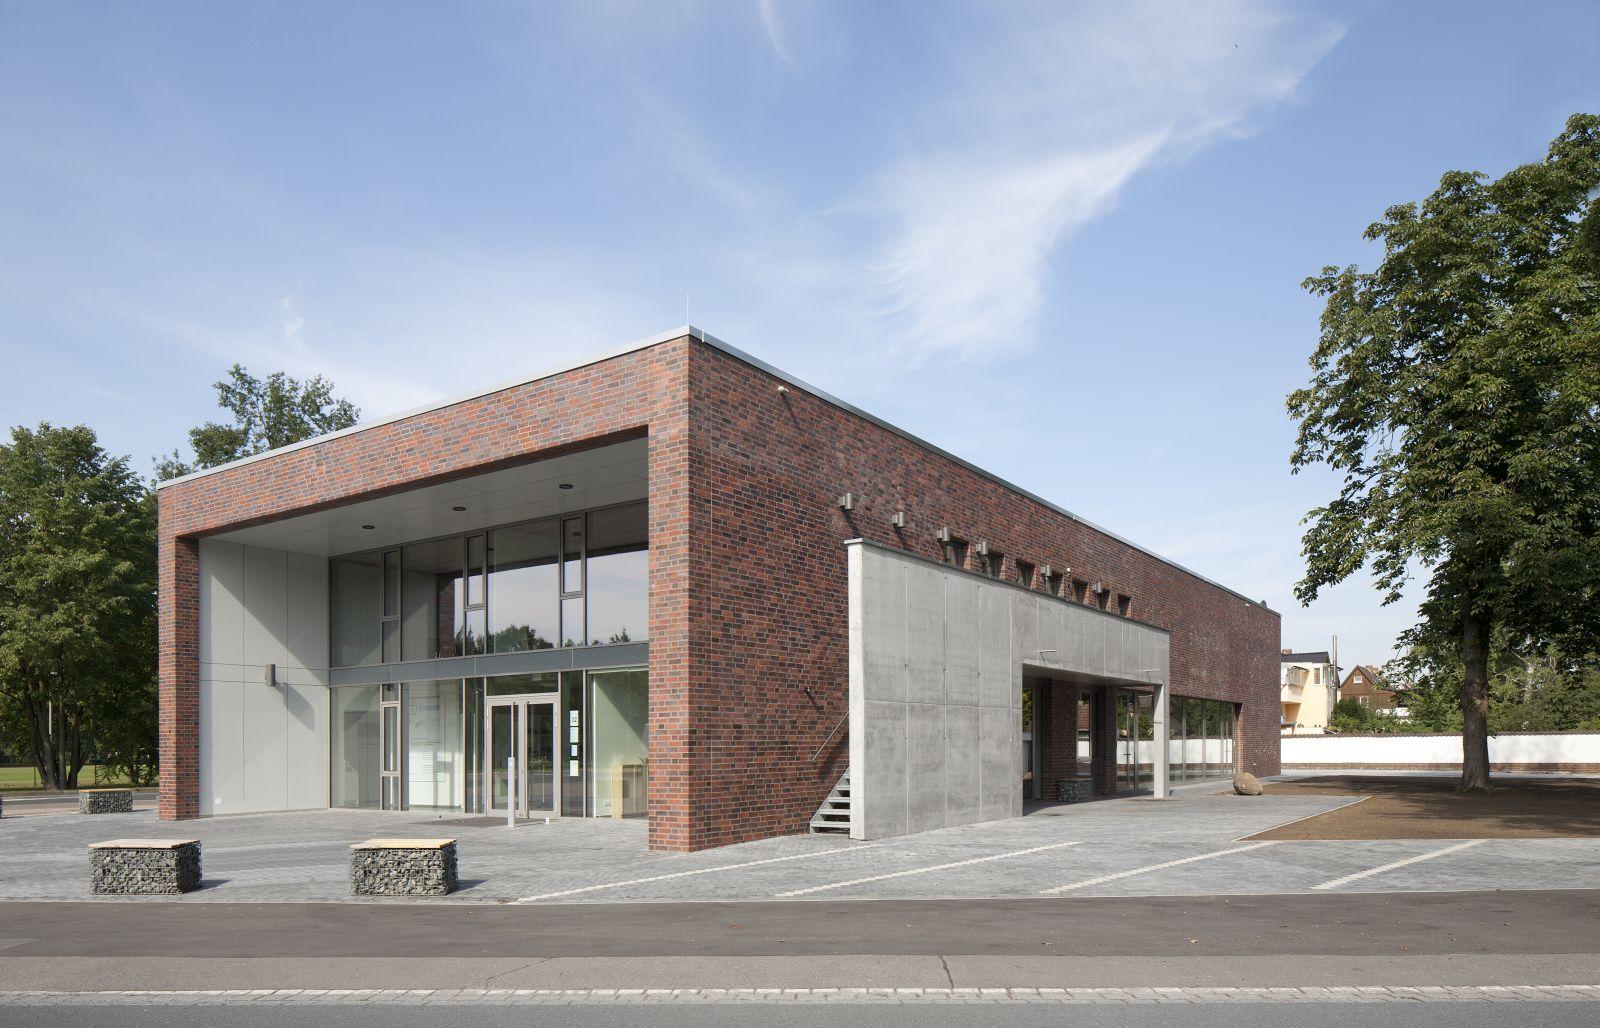 Die freie evangelische Gemeinde Hannover | shl ingenieure GmbH